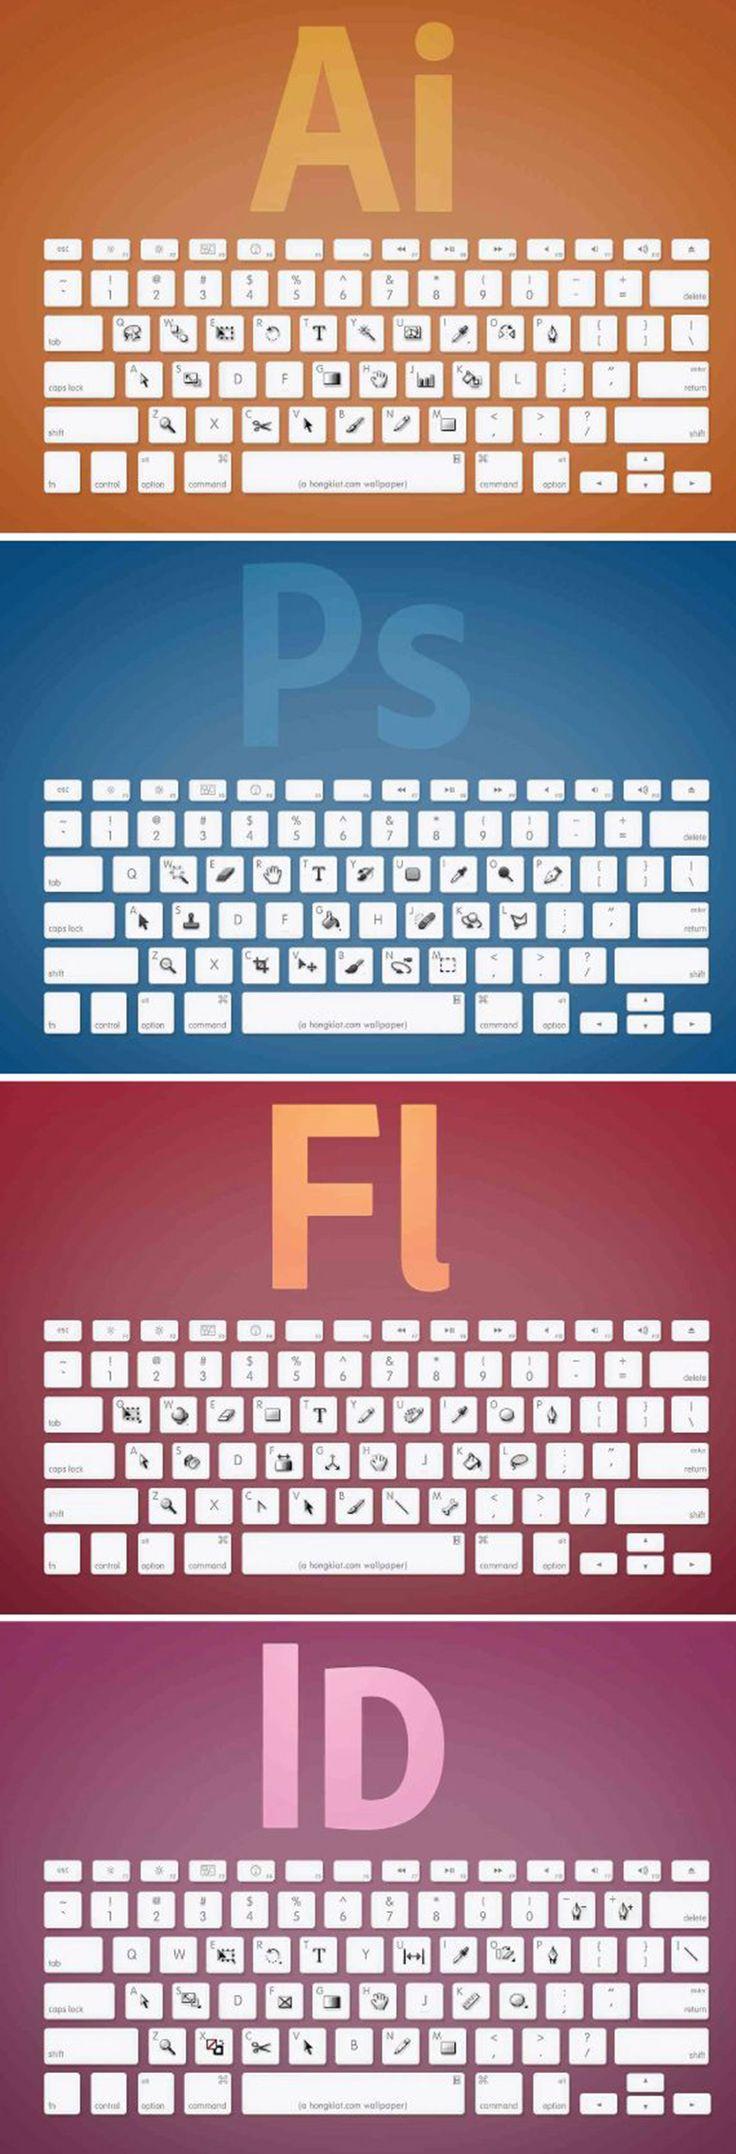 Sélection de la semaine, #WTF, #Cosplay, #Geek, #FunFacts, #Design, #Photographie, #Vrac - Illustration – Les raccourcis clavier #Illustrator #Photoshop #Flash #Indesign